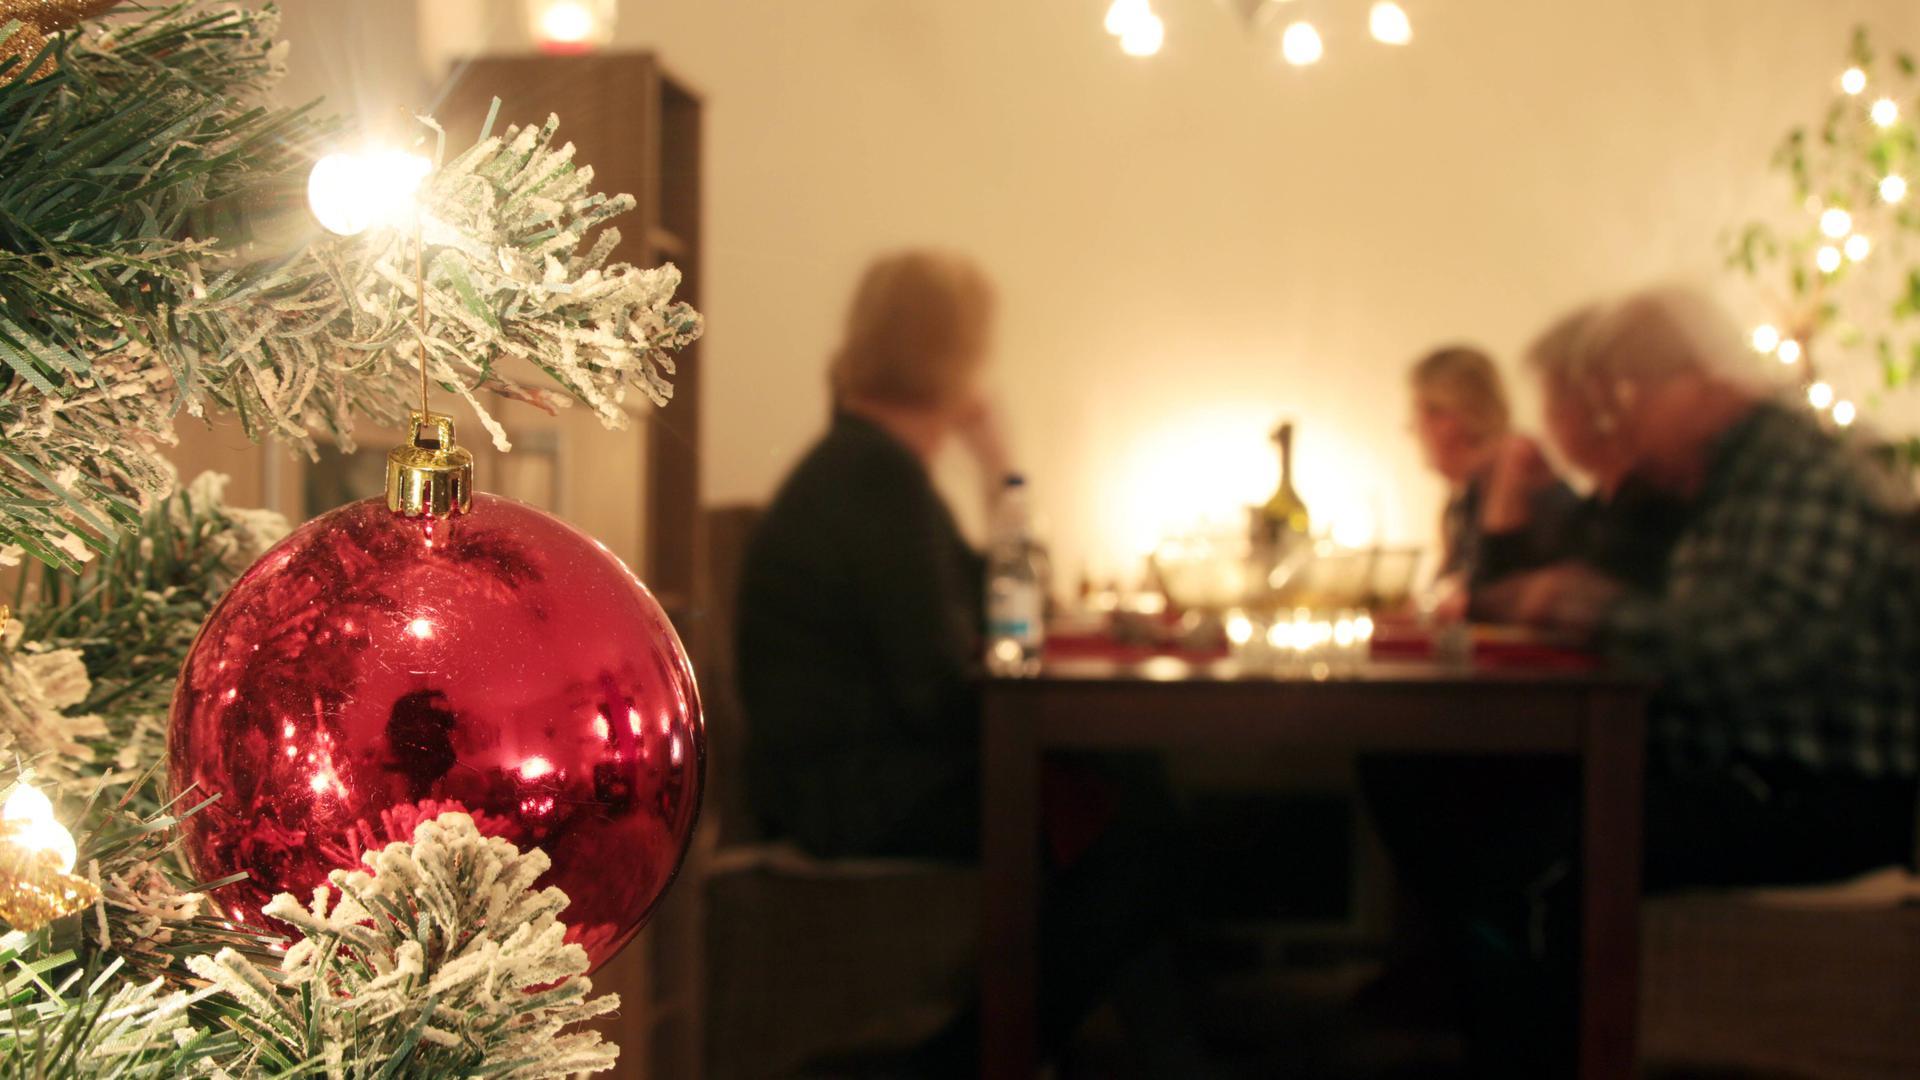 Familie sitzt an Heiligabend gemeinsam am Tisch und geniesst das Weihnachtsessen, model released  Family sits to Christmas Eve together at Table and enjoys the Christmas dinner Model released